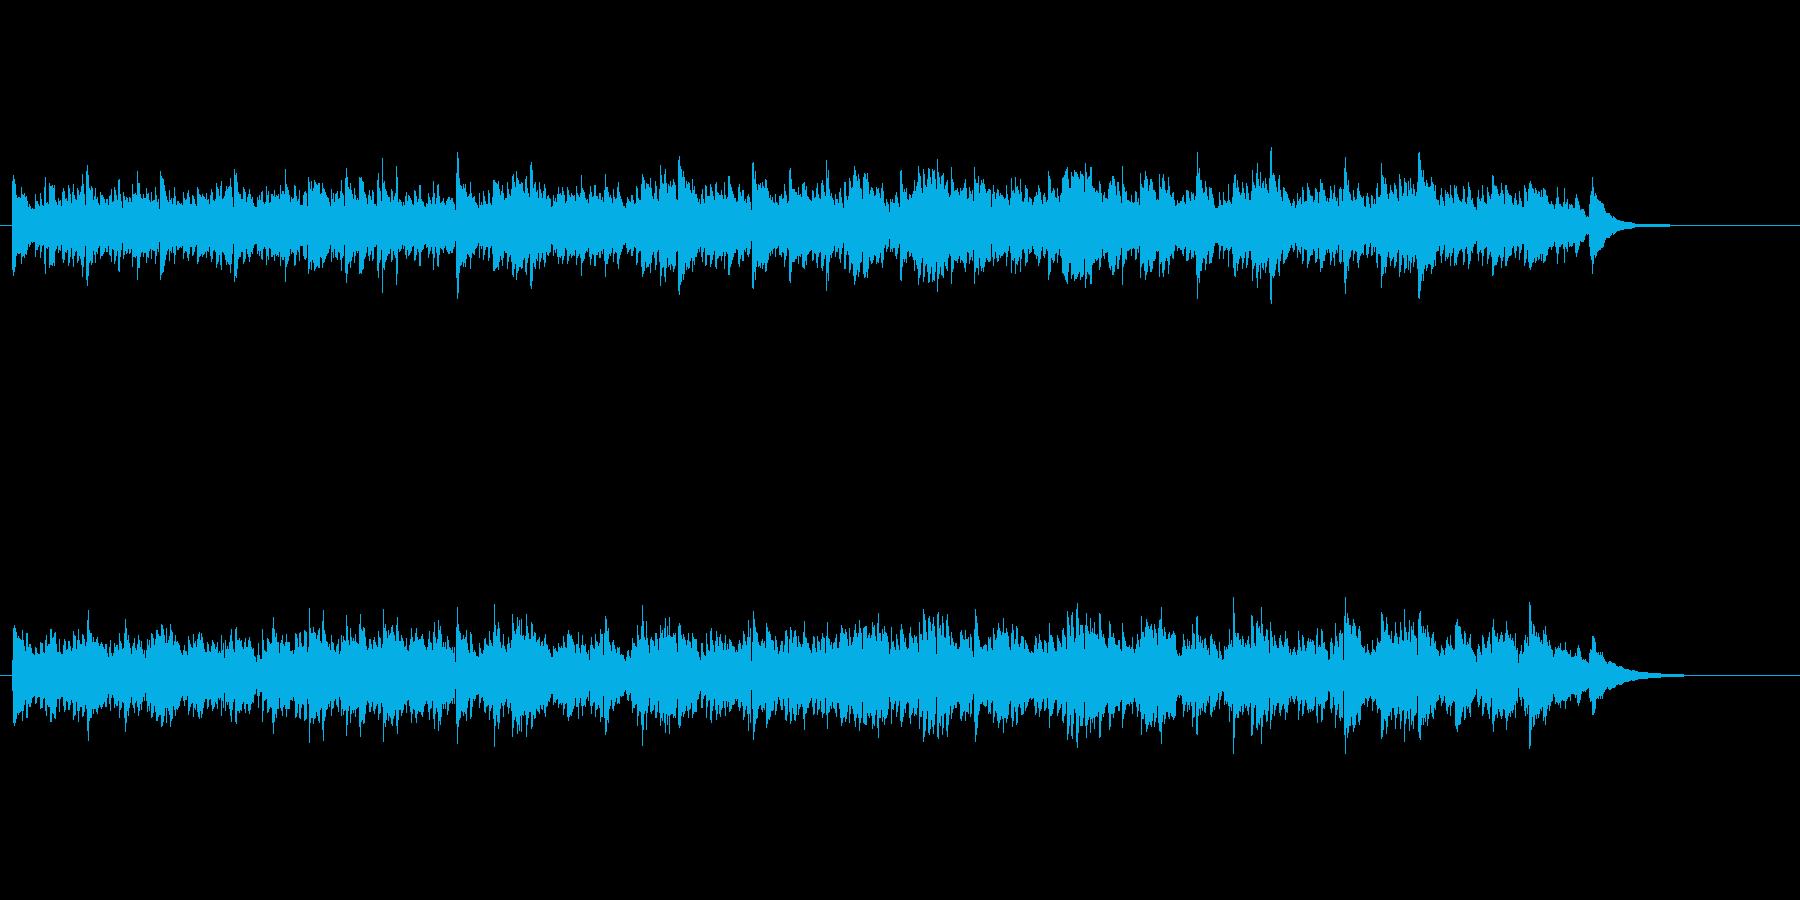 フォーク調哀愁のアコースティックナンバーの再生済みの波形